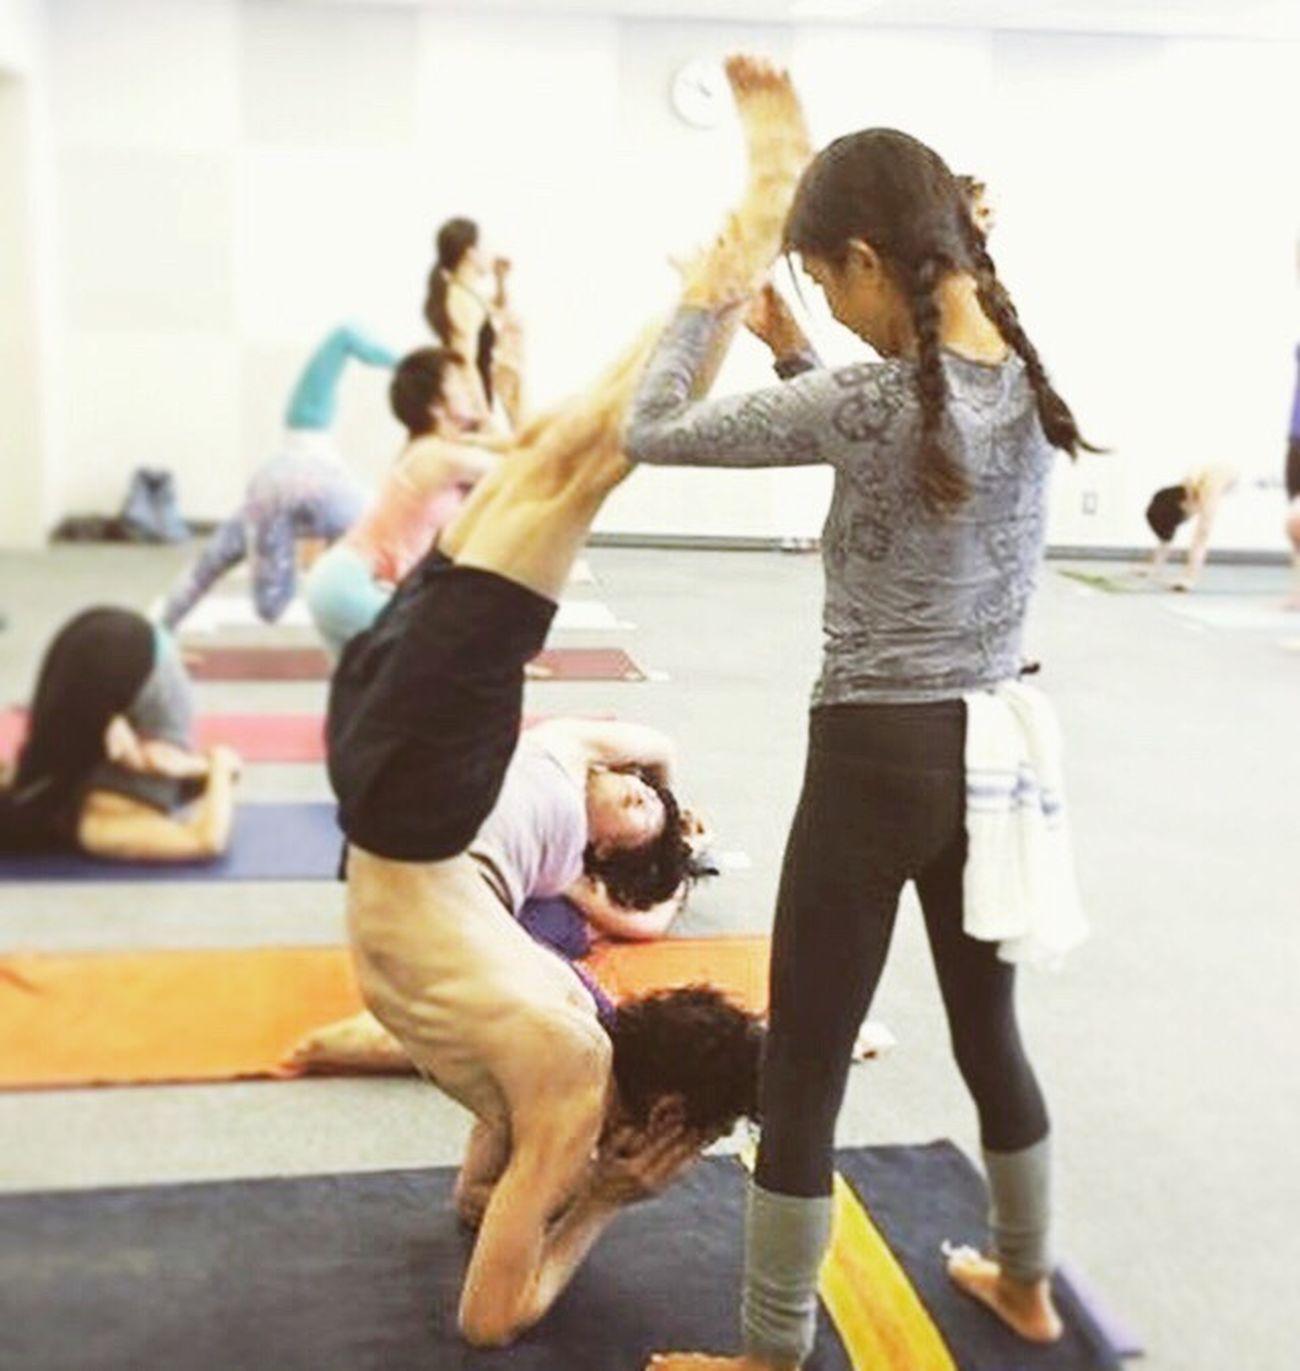 5日間のアジャストメントクリニック☆朝のマイソールクラス♬ Ashtangayoga Yoga Space Siddhi Nancy Gilgoff Mysore Class Yoga アジャストメントクリニック 広島 ヨガ アシュタンガヨガ アジャストメントは真剣勝負